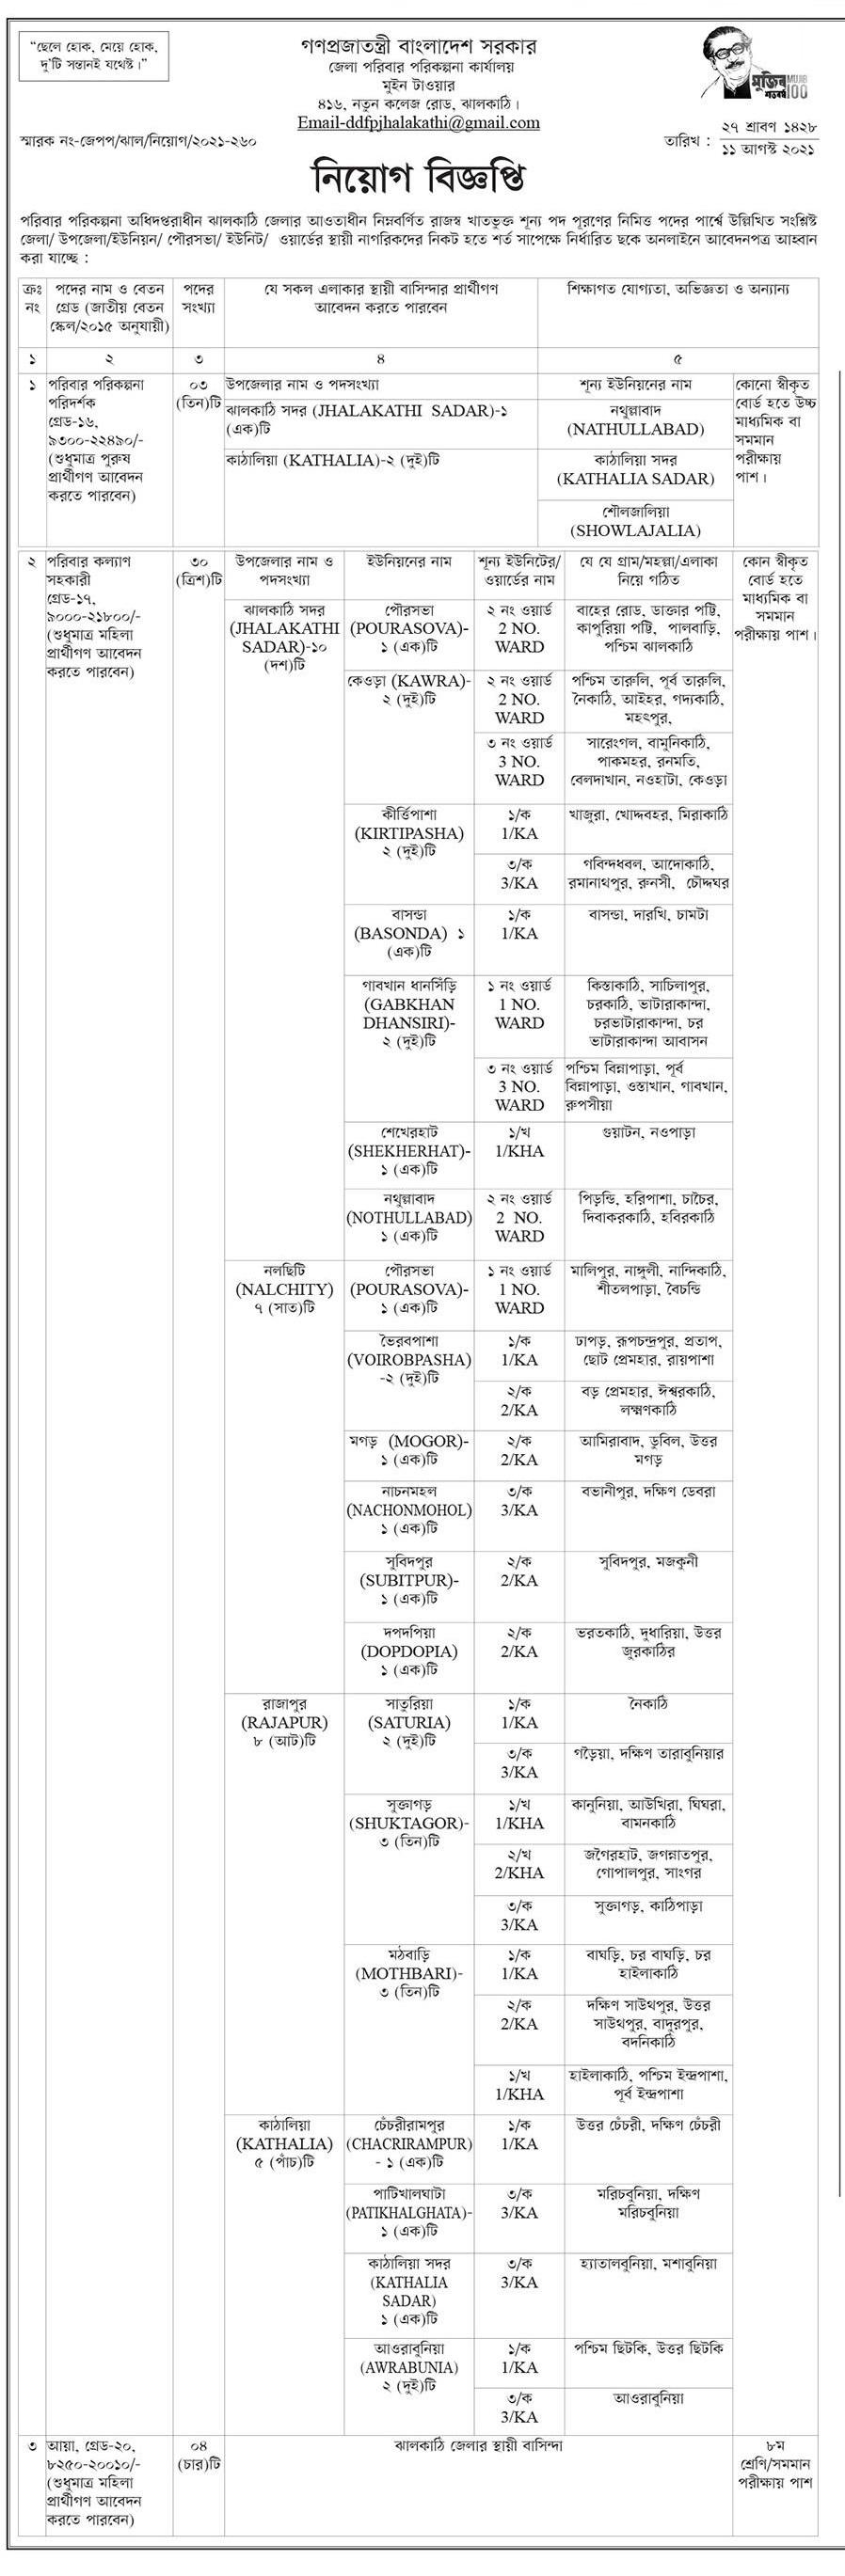 ঝালকাটি জেলা পরিবার পরিকল্পনা নিয়োগ বিজ্ঞপ্তি ২০২১ - Jhalakati District  poribar porikolpona job circular 2021 - স্বাস্থ্য ও পরিবার পরিকল্পনা অধিদপ্তরে নিয়োগ বিজ্ঞপ্তি ২০২১